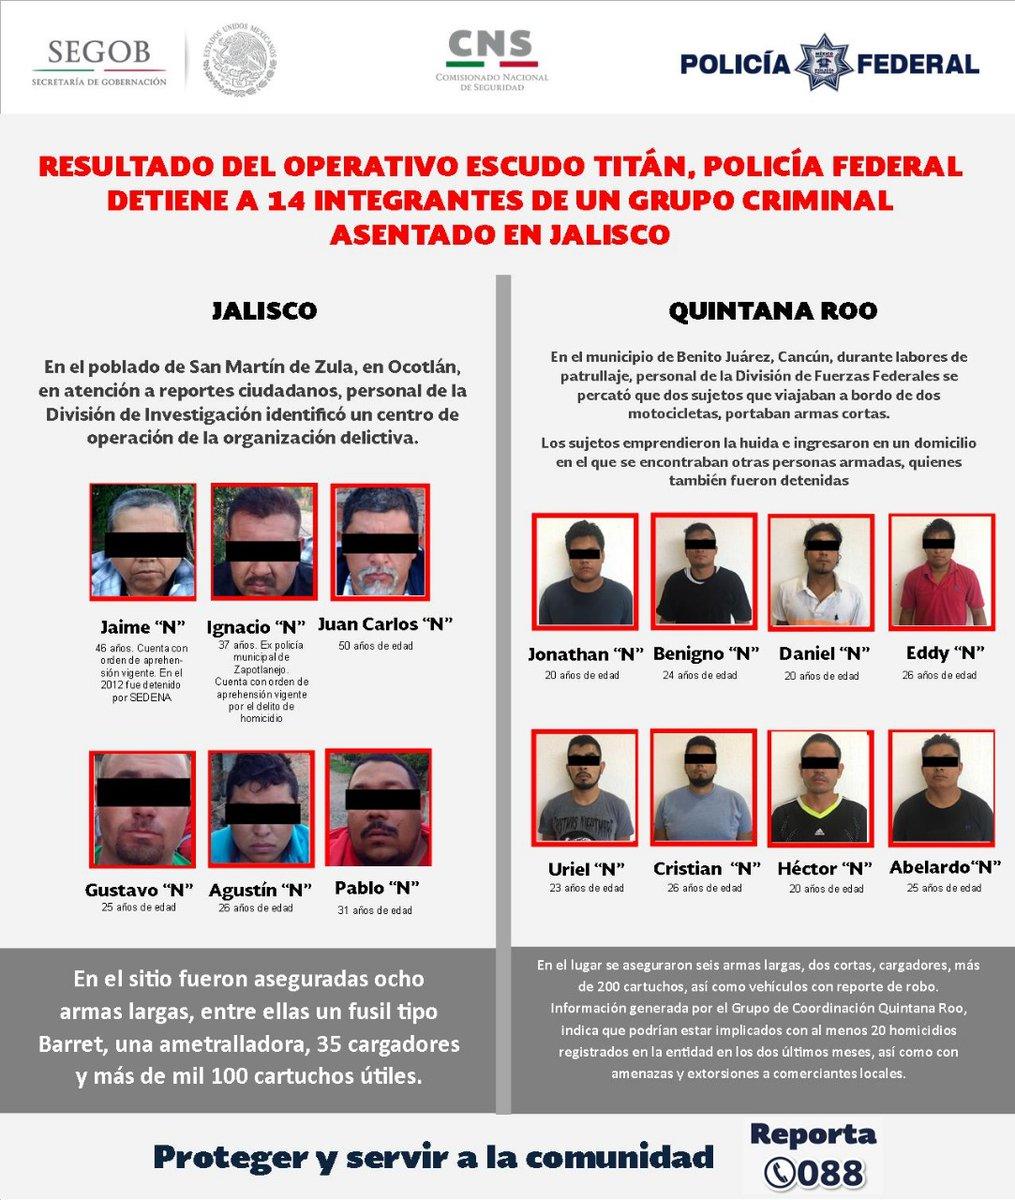 Los 14 presuntos integrantes del